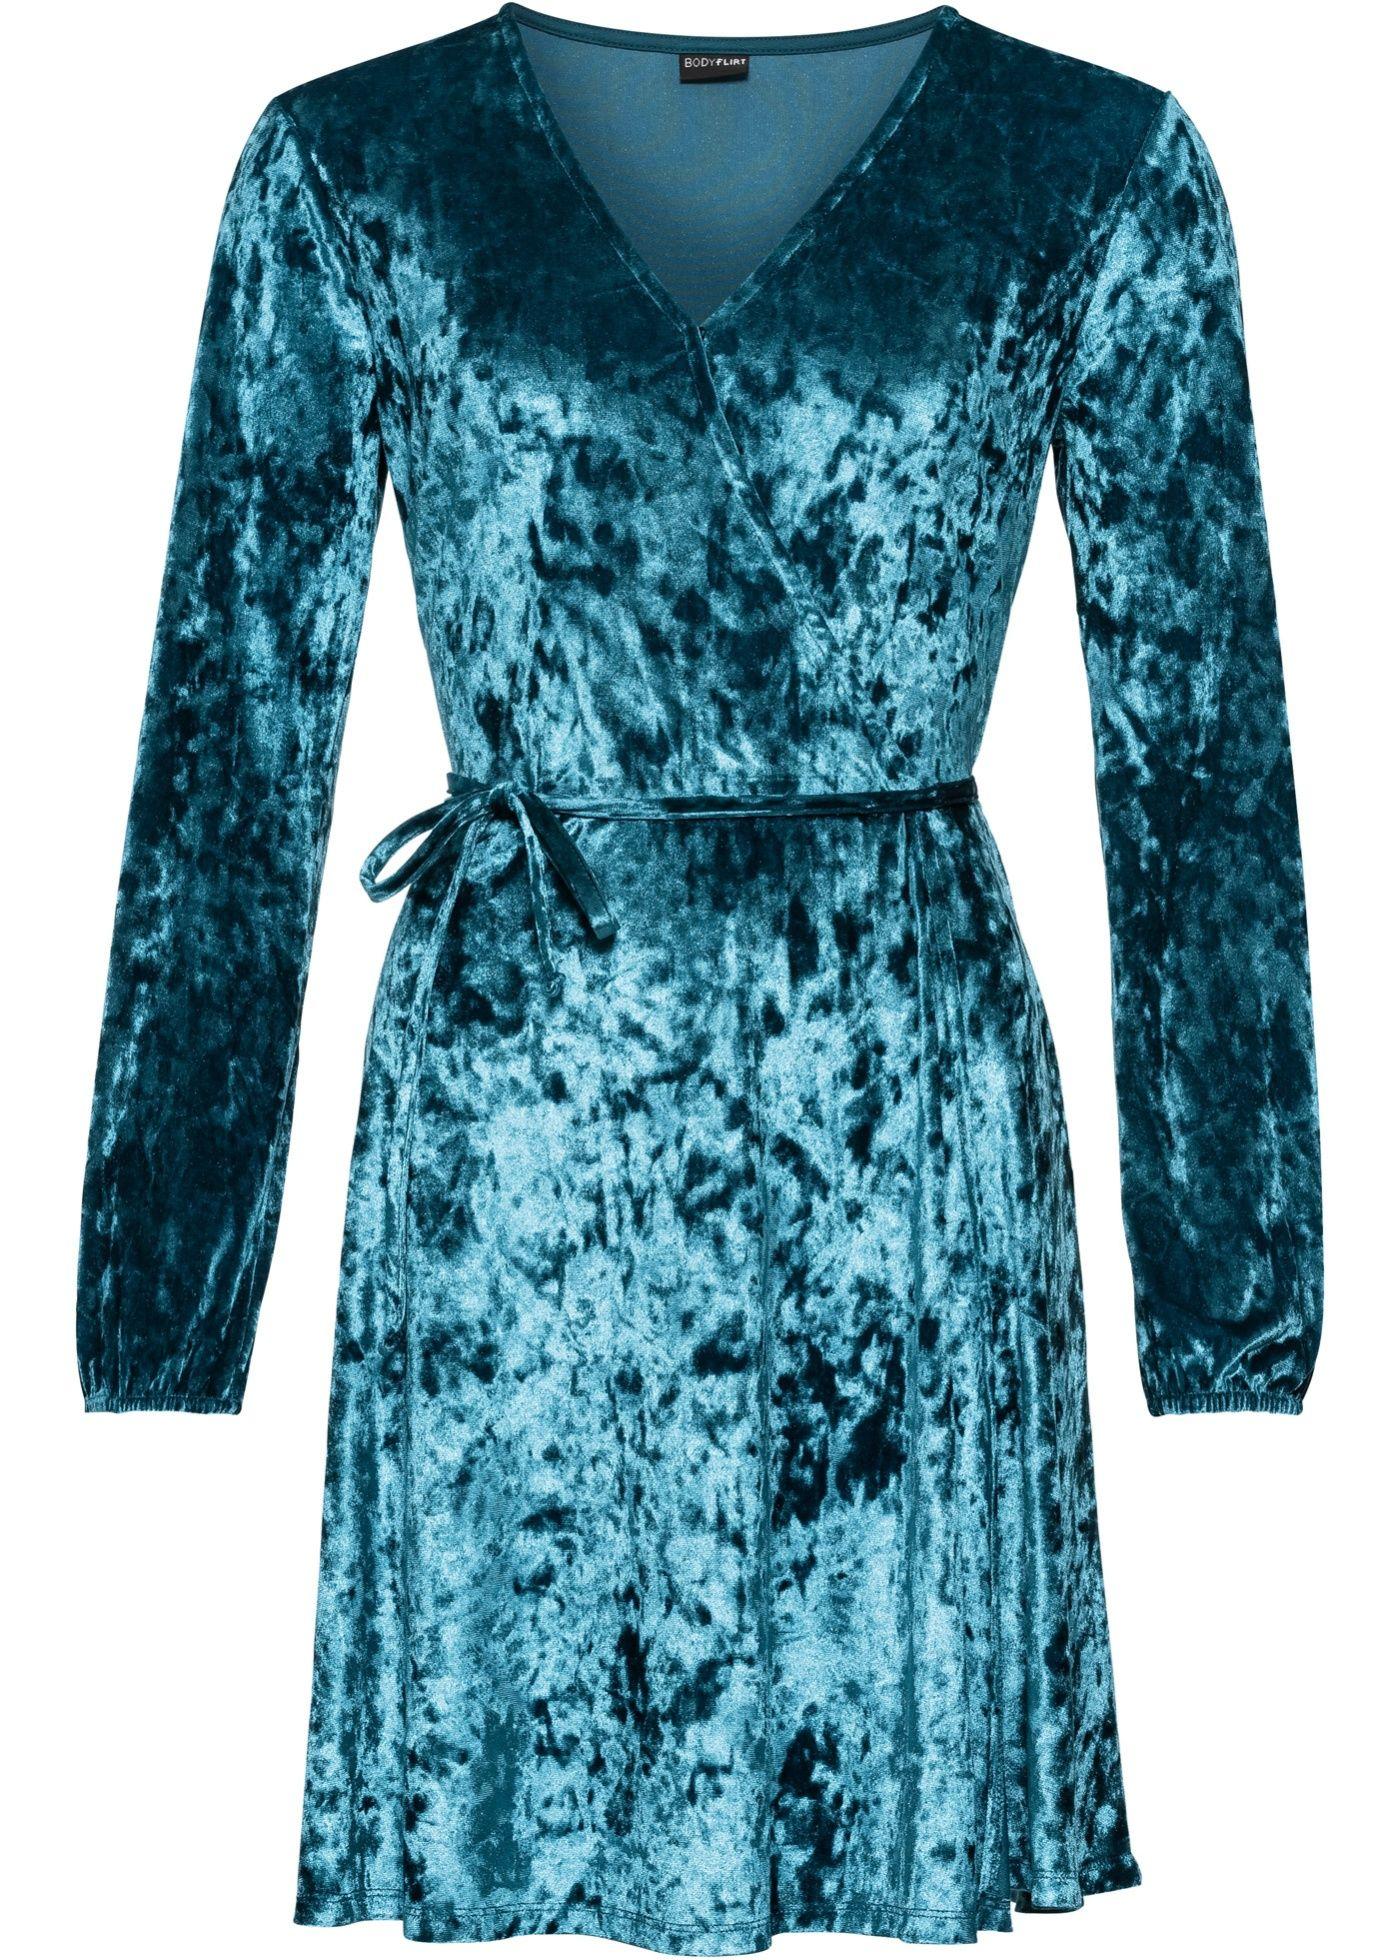 Samt Kleid in Wickeloptik | Sommer kleider, Schöne kleider